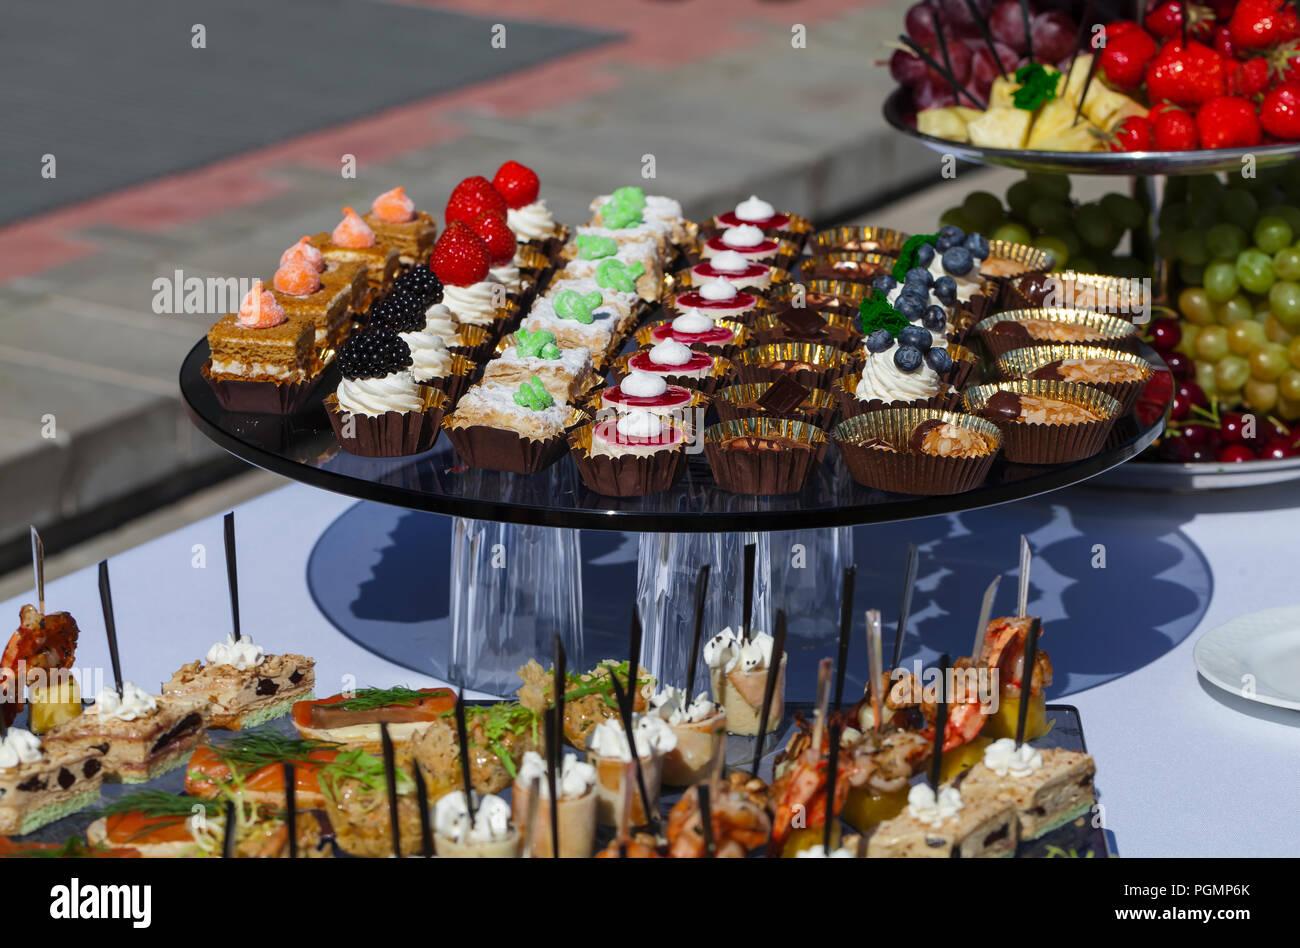 Servicio de catering . sándwiches de carne, pescado, hortalizas de canapés en una fiesta de boda al aire libre mesa Imagen De Stock